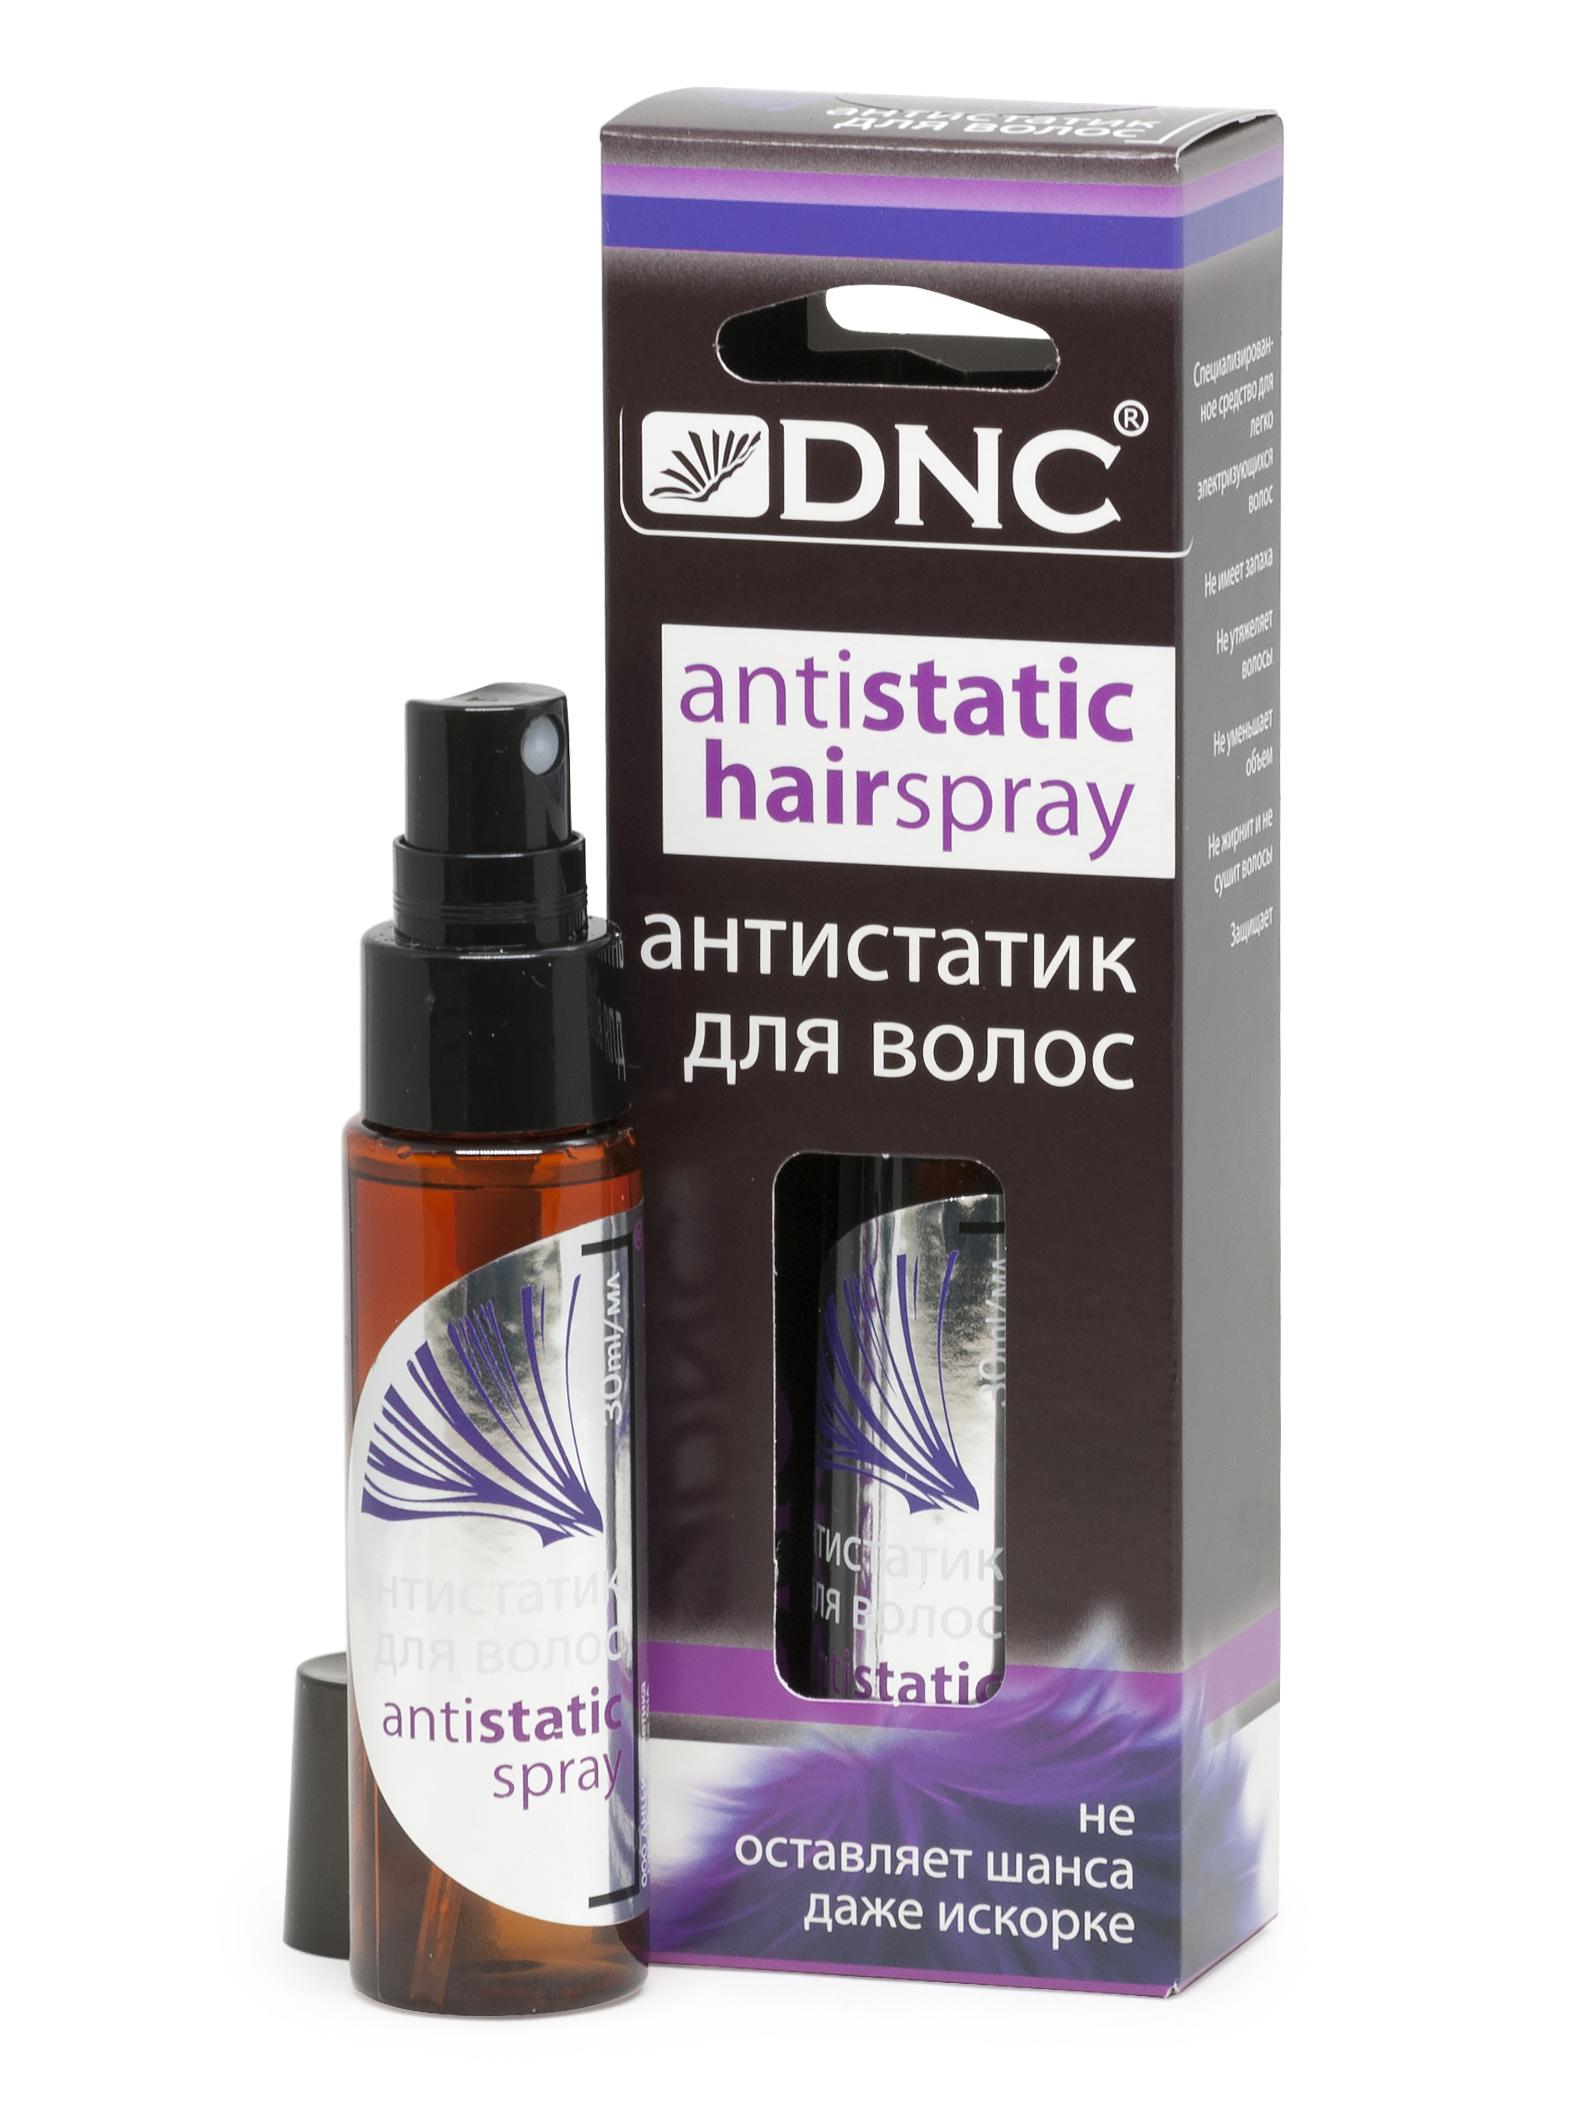 DNC Kosmetika Антистатик для волос, спрей, 30 мл (DNC Kosmetika, Уход за волосами) dnc kosmetika твердый воск для волос 15 мл dnc kosmetika уход за волосами